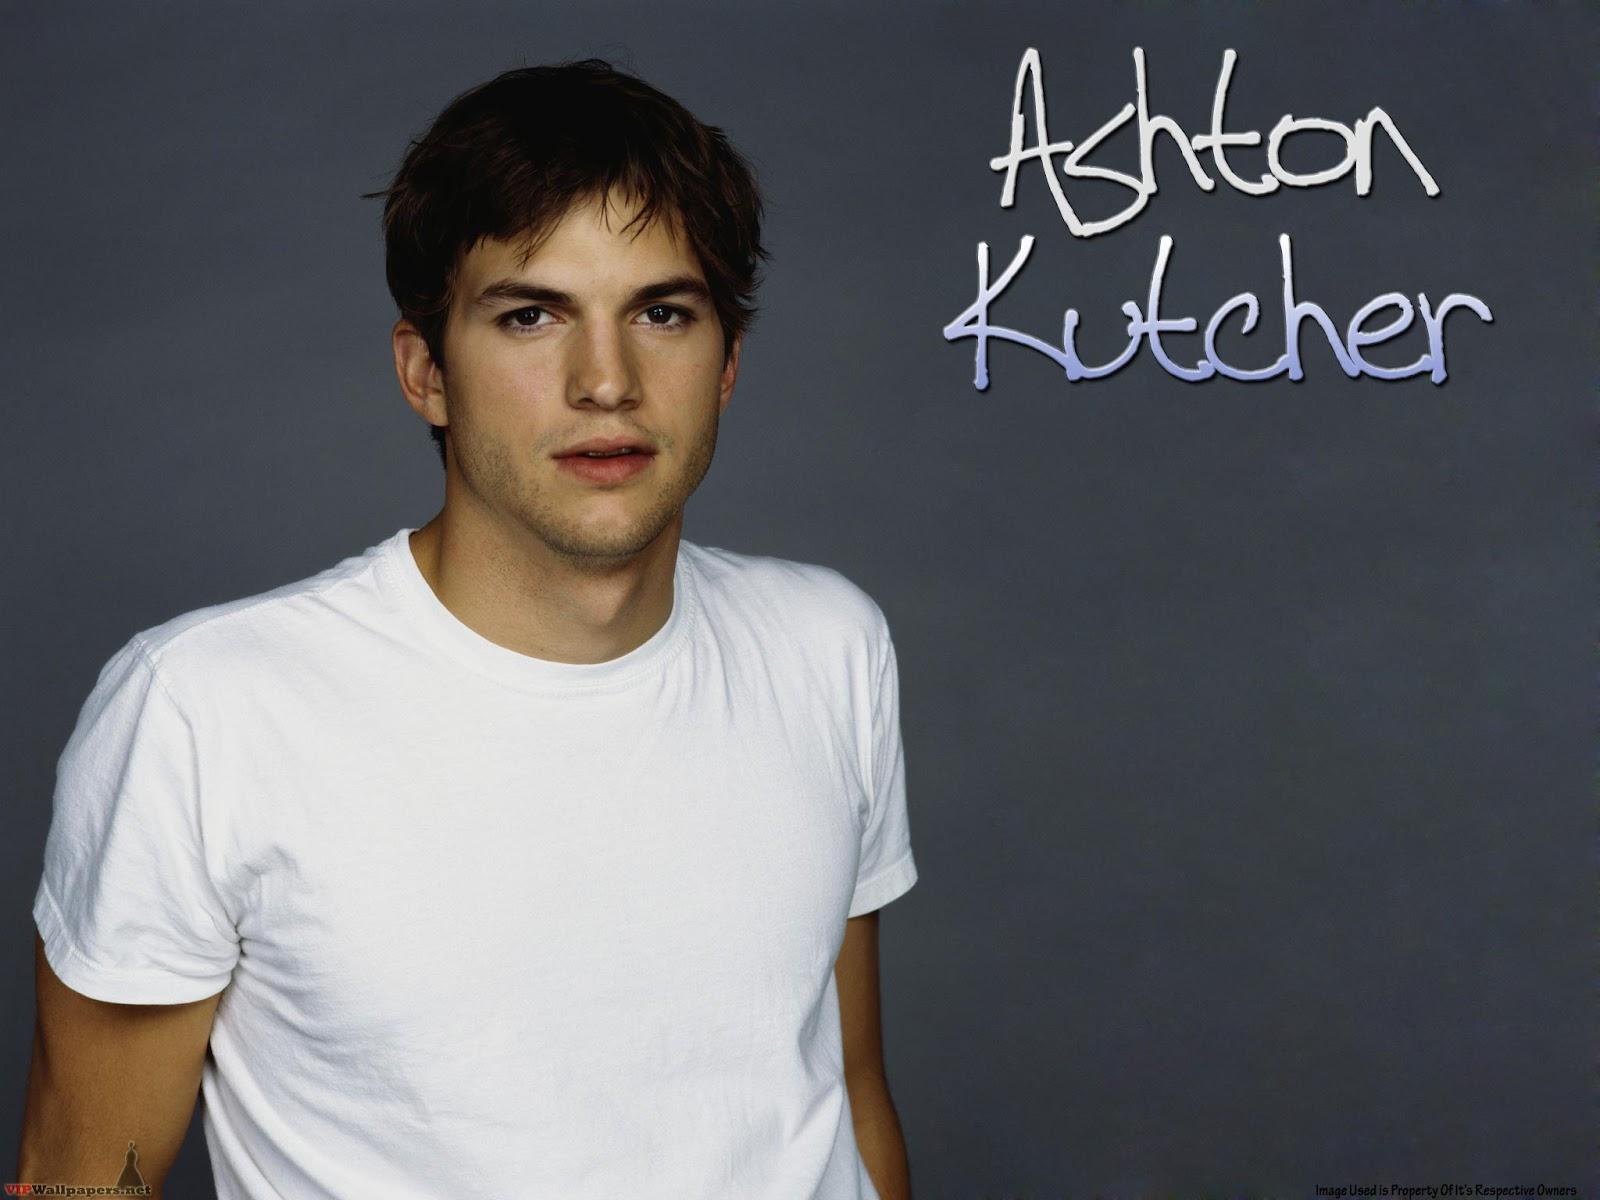 http://2.bp.blogspot.com/-1CWwtmydPSY/T_FRdGjnqOI/AAAAAAAAC-E/p333kGgDnSQ/s1600/Ashton-Kutcher-Wallpaper-001.jpg